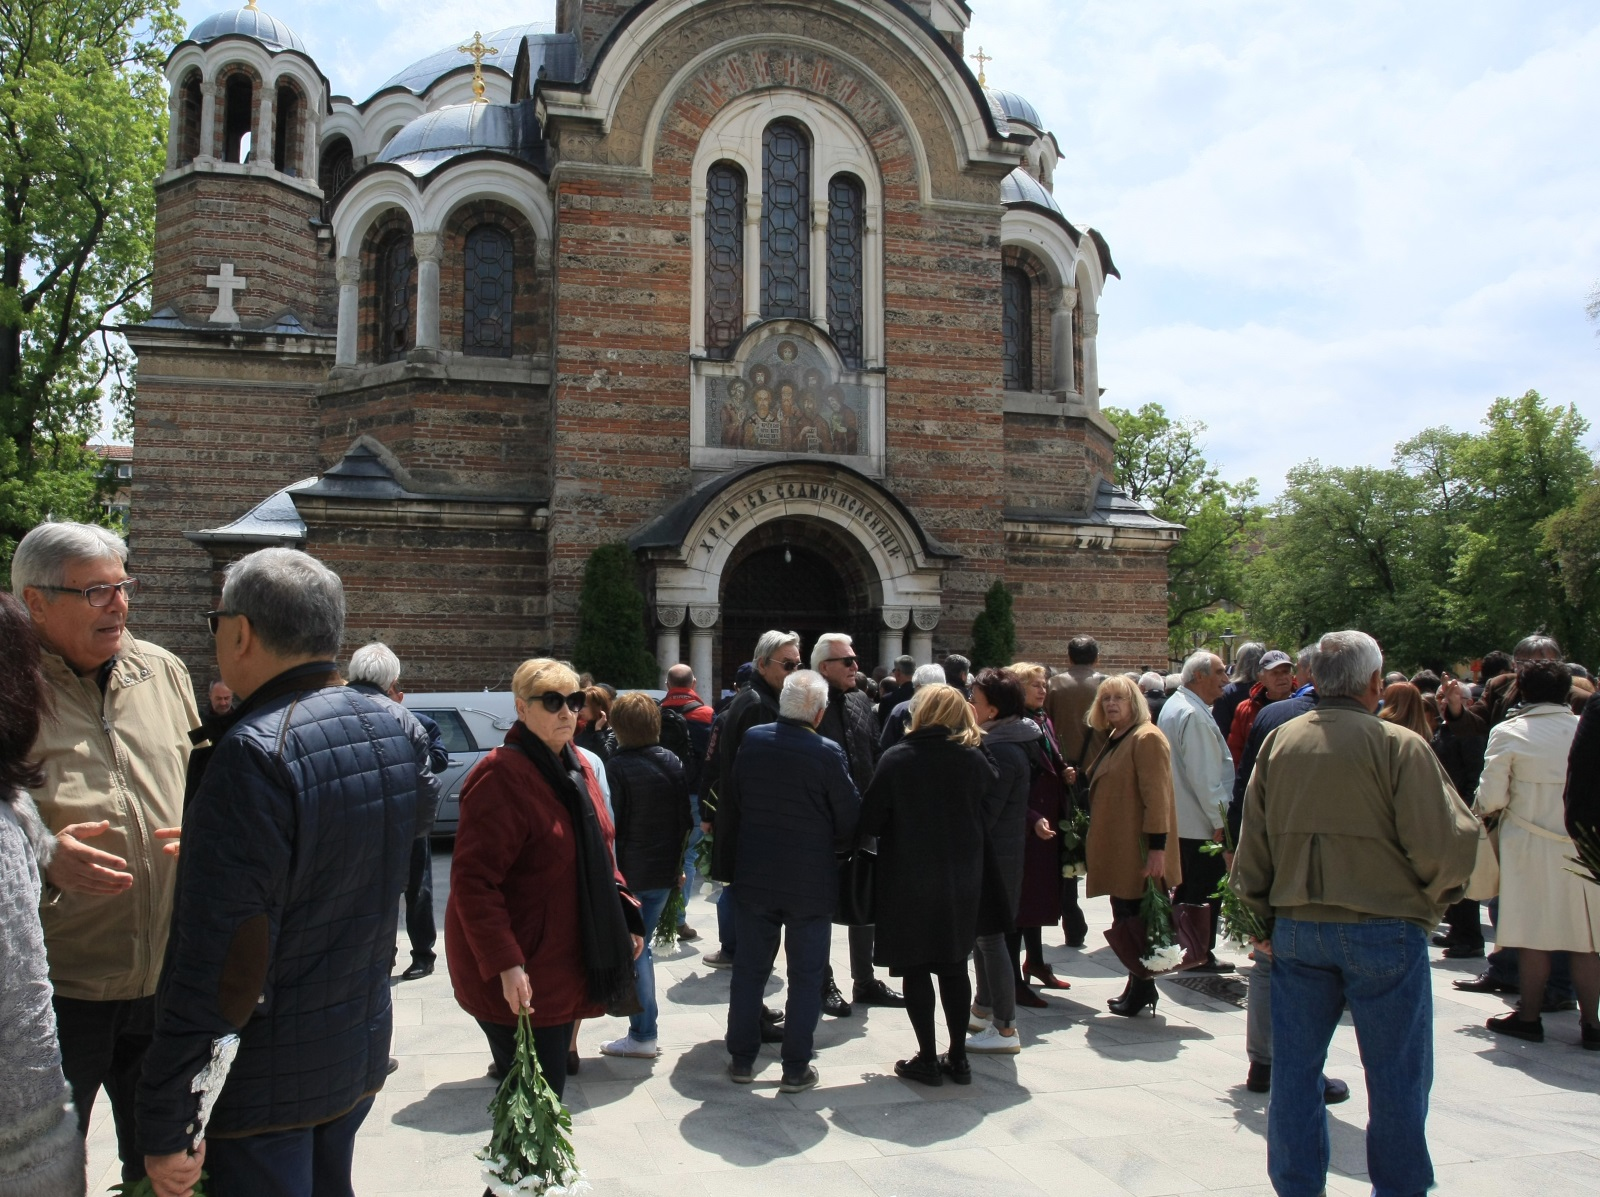 """Днес се сбогуваме с бившия генерален директор на БНР Радослав Янкулов в столичния храм """"Свети Седмочисленици"""". Той почина внезапно на 66-годишна възраст в неделя."""